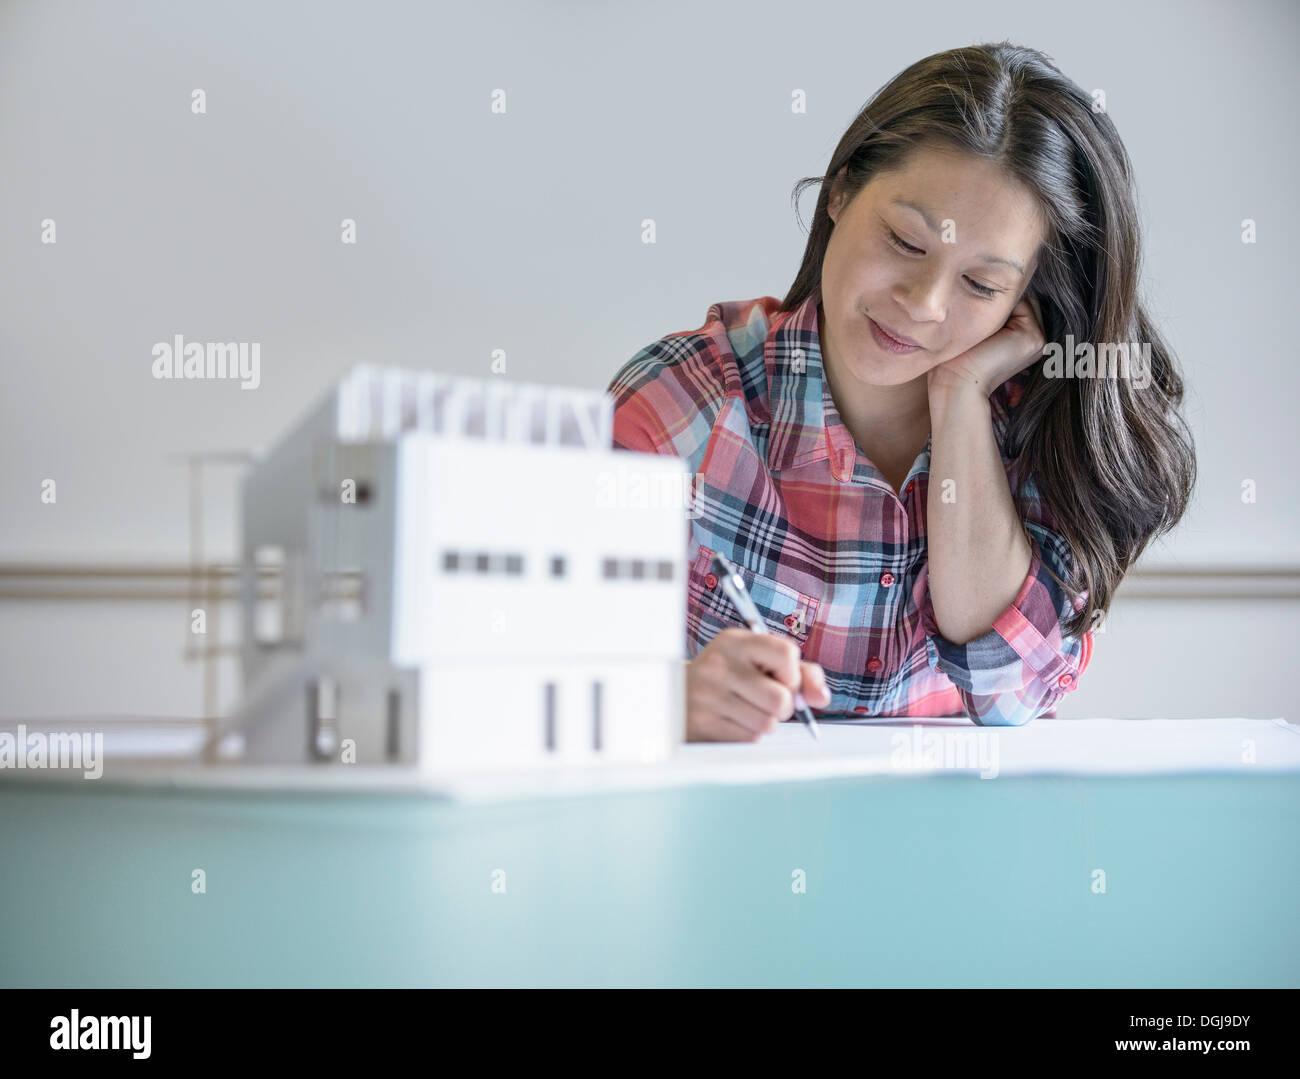 Architecte Construction du modèle Photo Stock